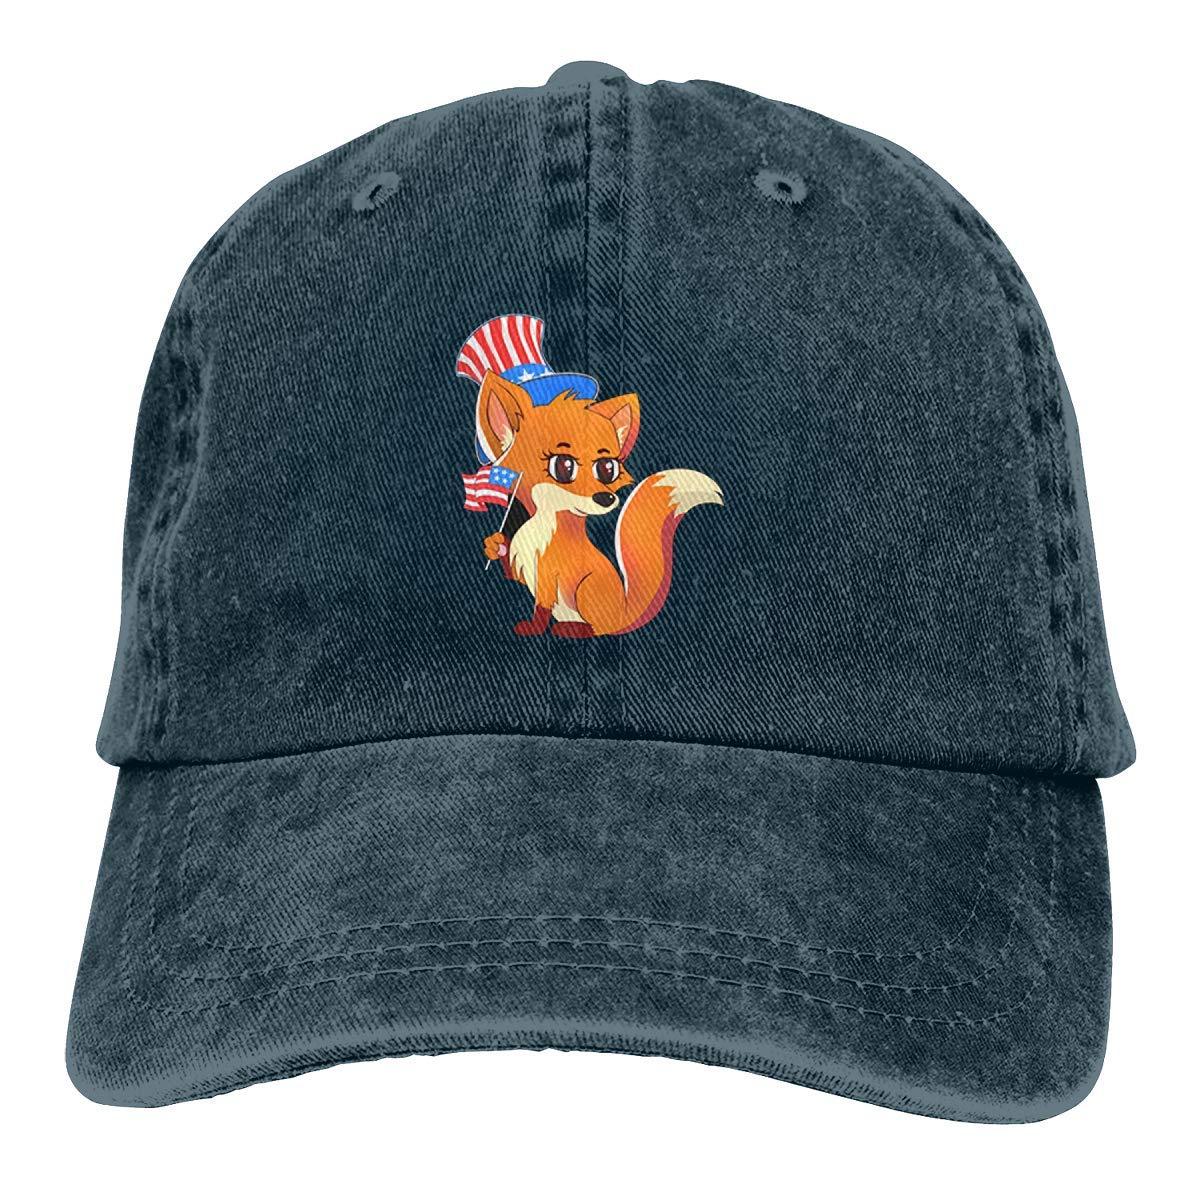 Patriot Fox con Bandera American Independence Denim Dad Hats Gorra ...